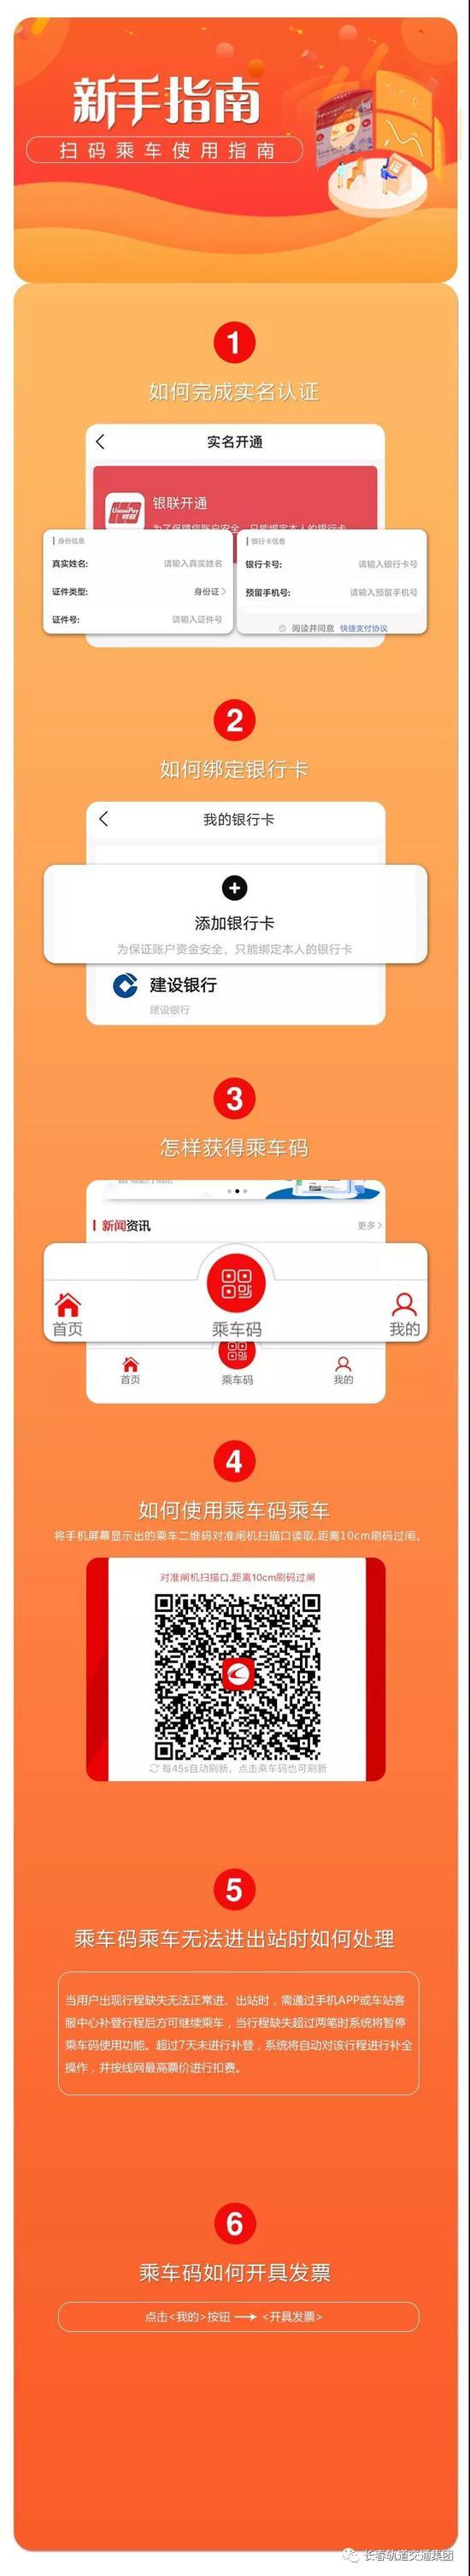 万博manbetx客服市轨道交通发布乘车码使用规则